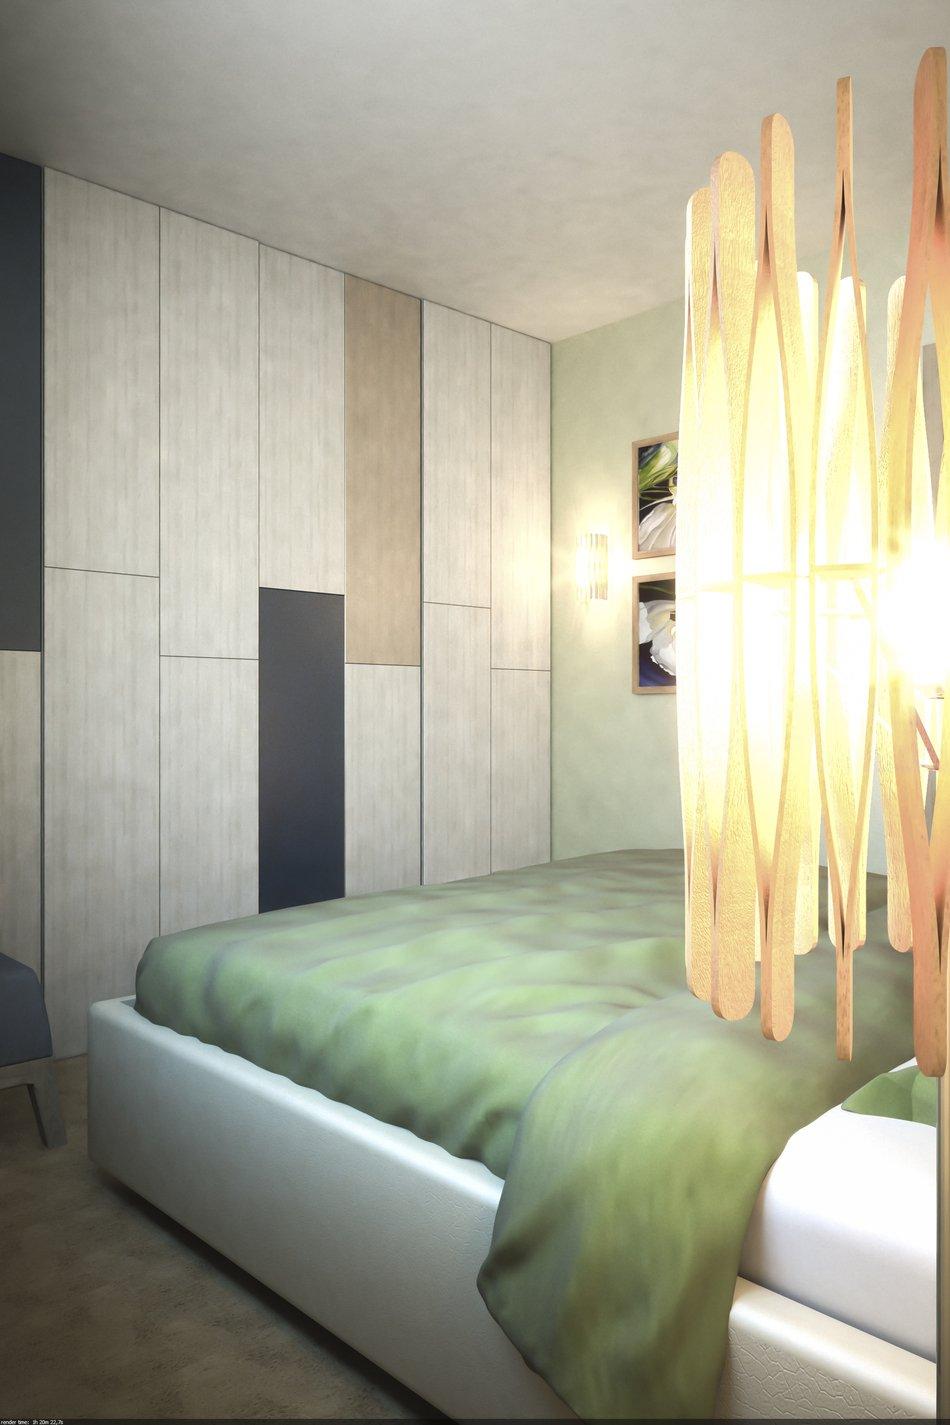 Двуспальная кровать в маленькой спальне